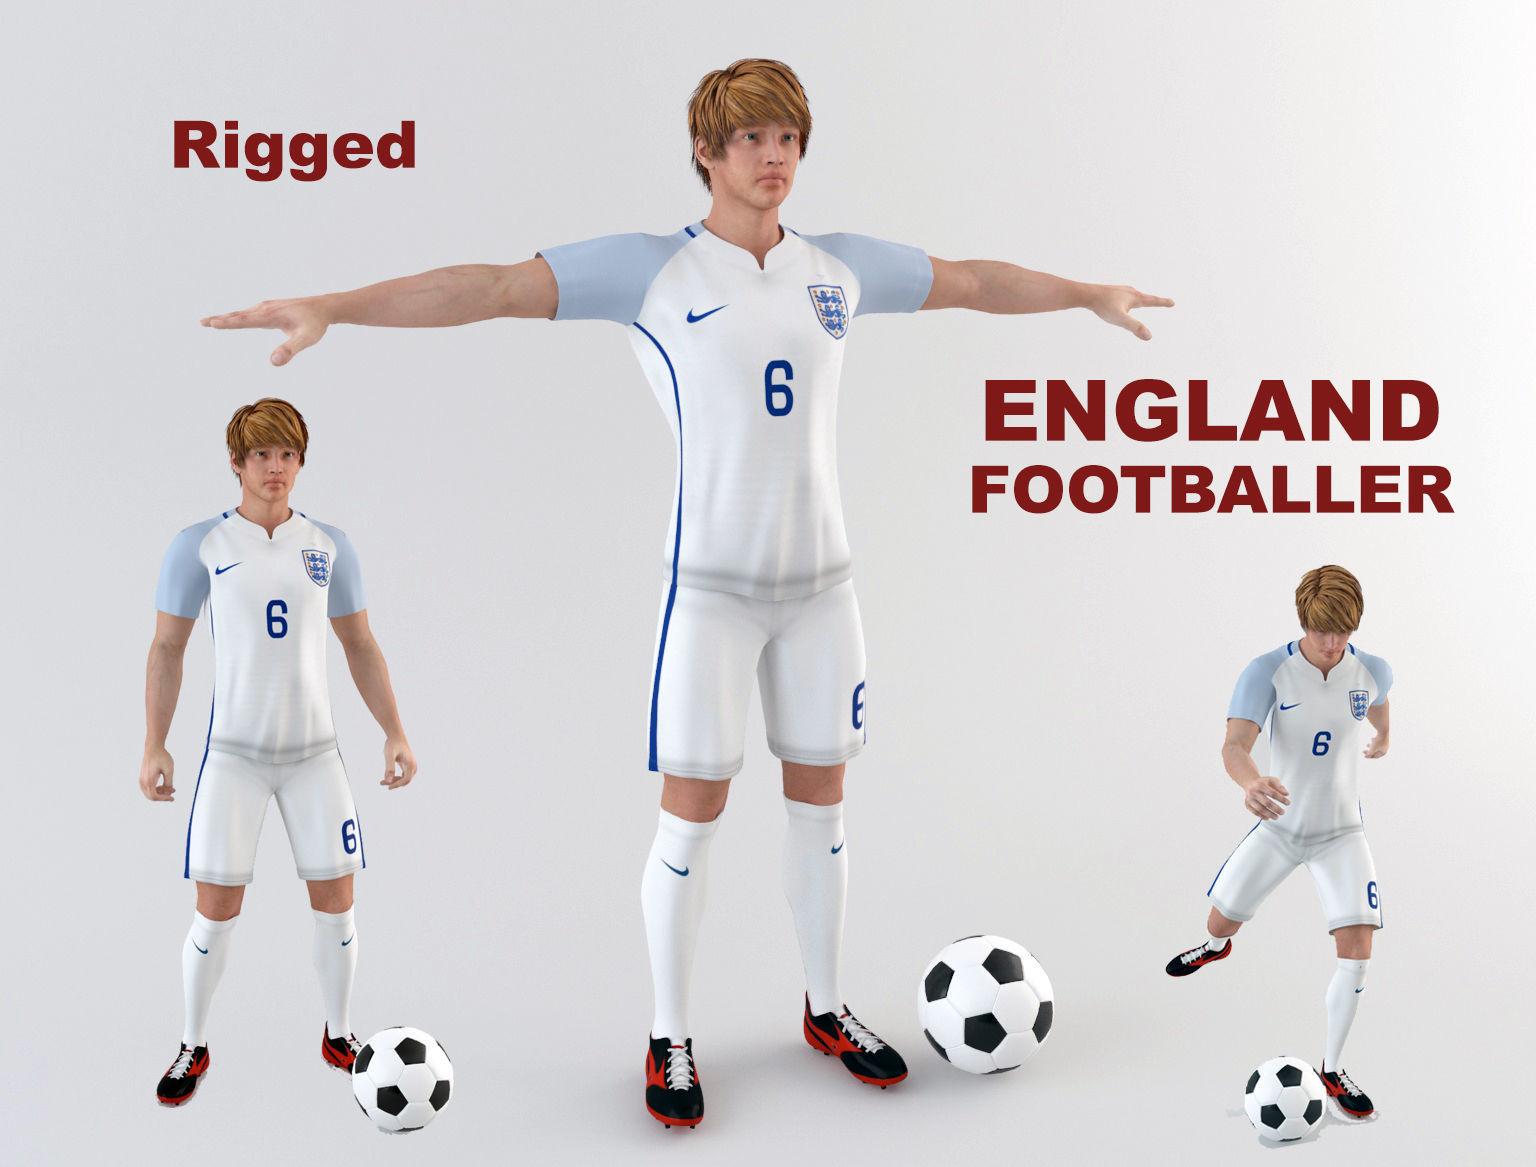 England footballer